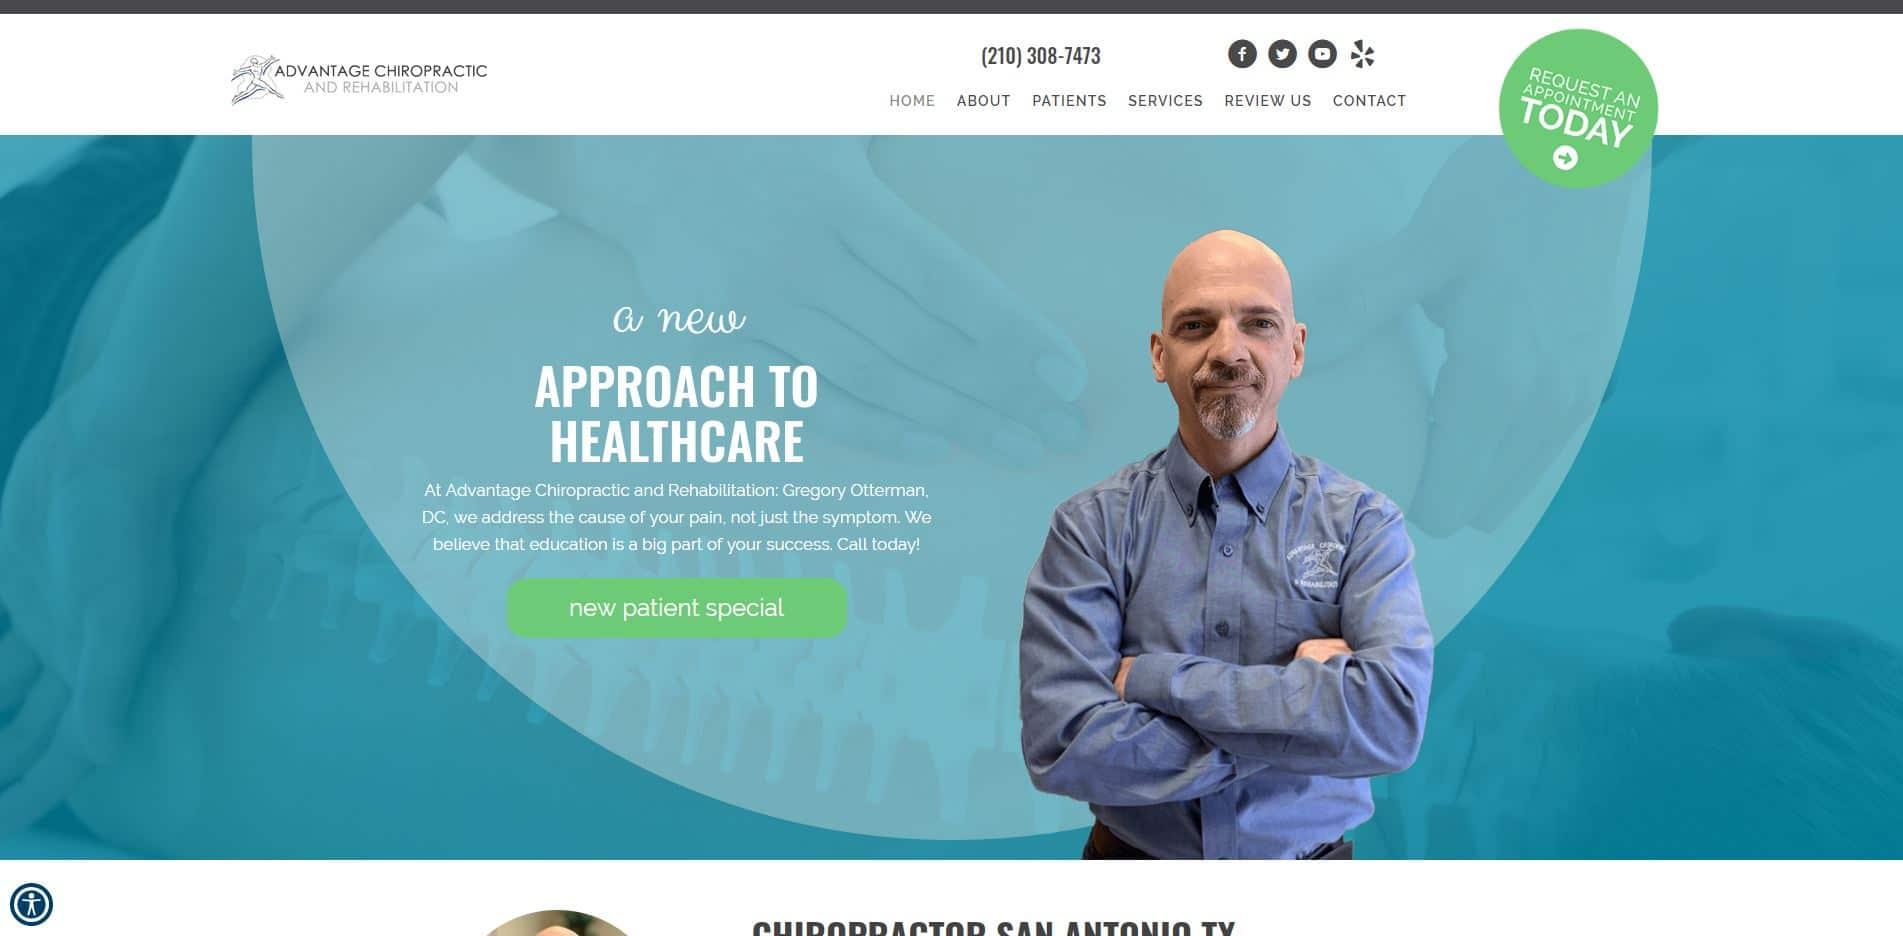 Chiropractor in San Antonio